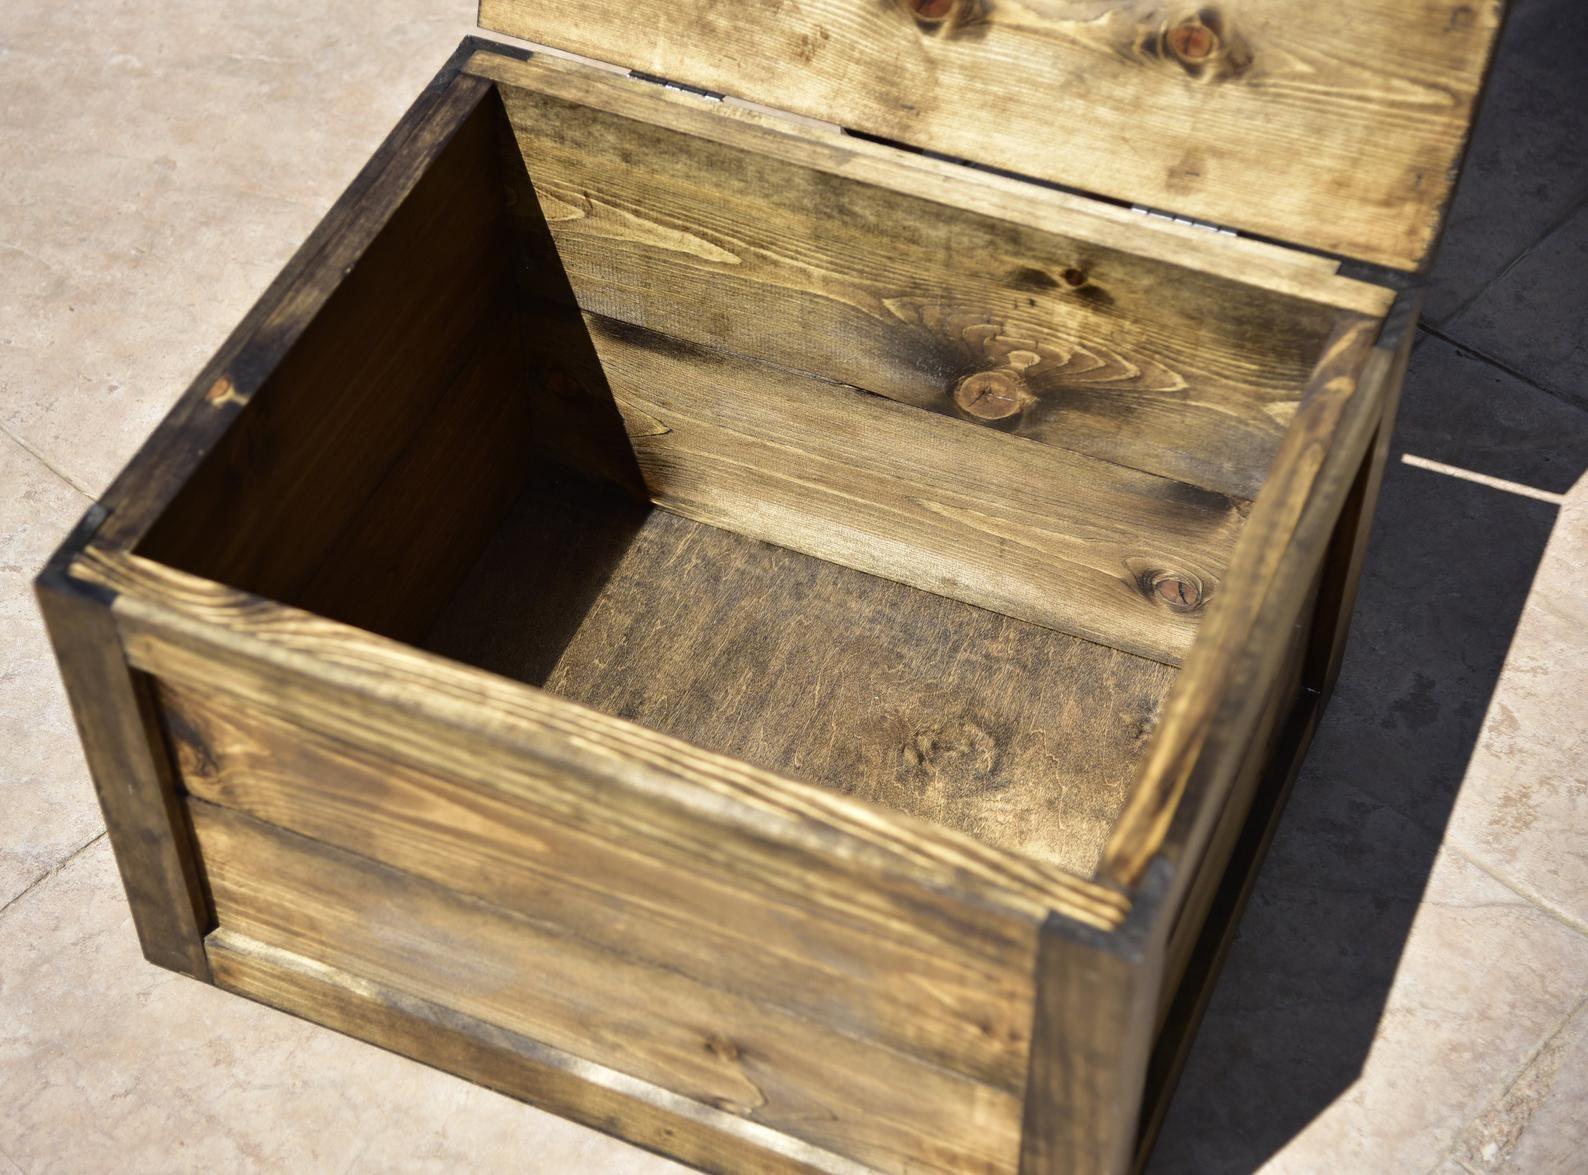 Wooden Dog Food Storage Bin Wooden Storage Bins Dog Food